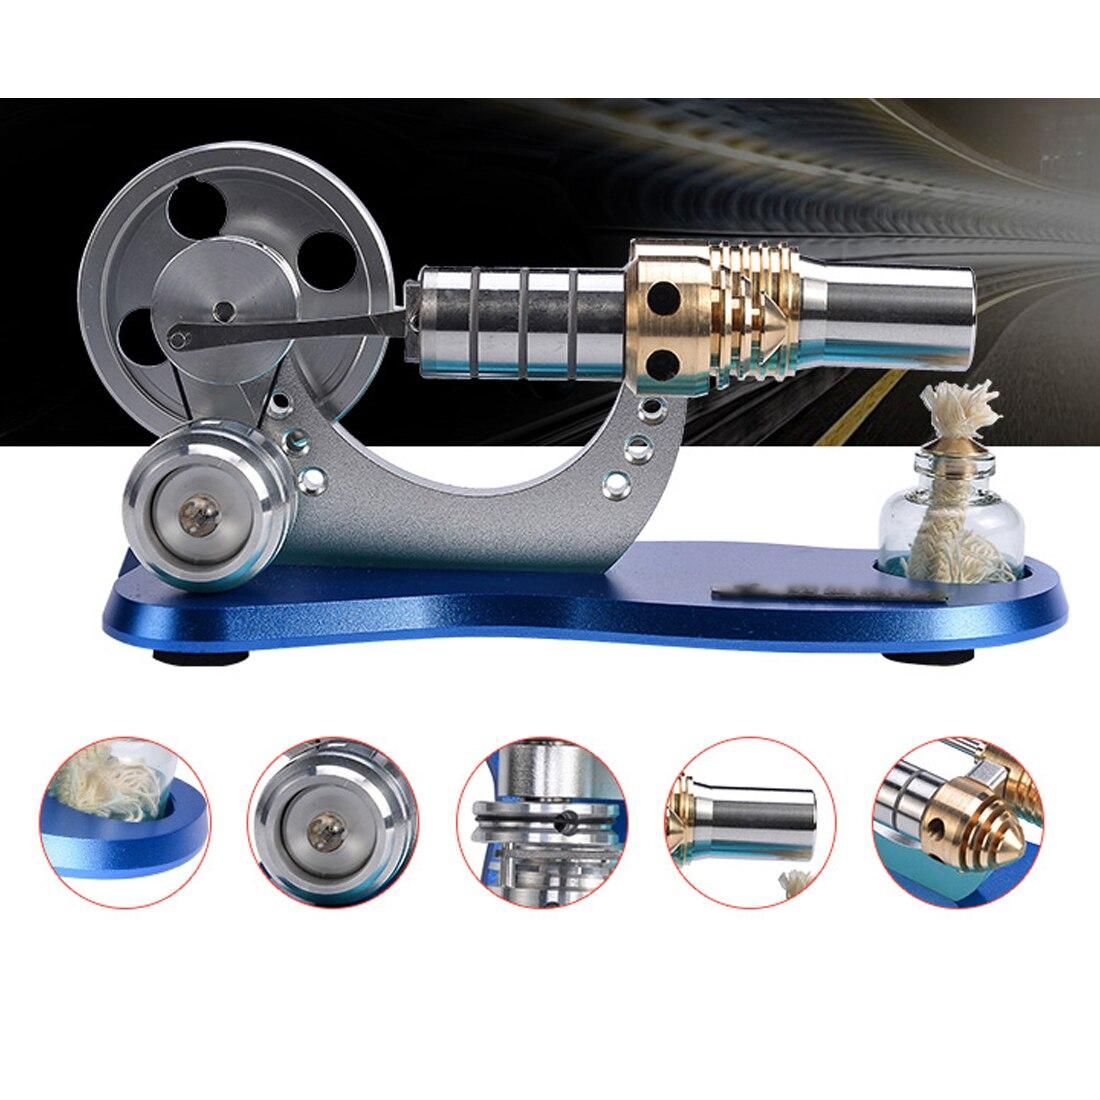 Cylindre métallique Bootable Moteur Stirling Modèle Micro Moteur À Combustion Externe Modèle Modèle D'apprentissage Jouets Pour Enfants Adulte